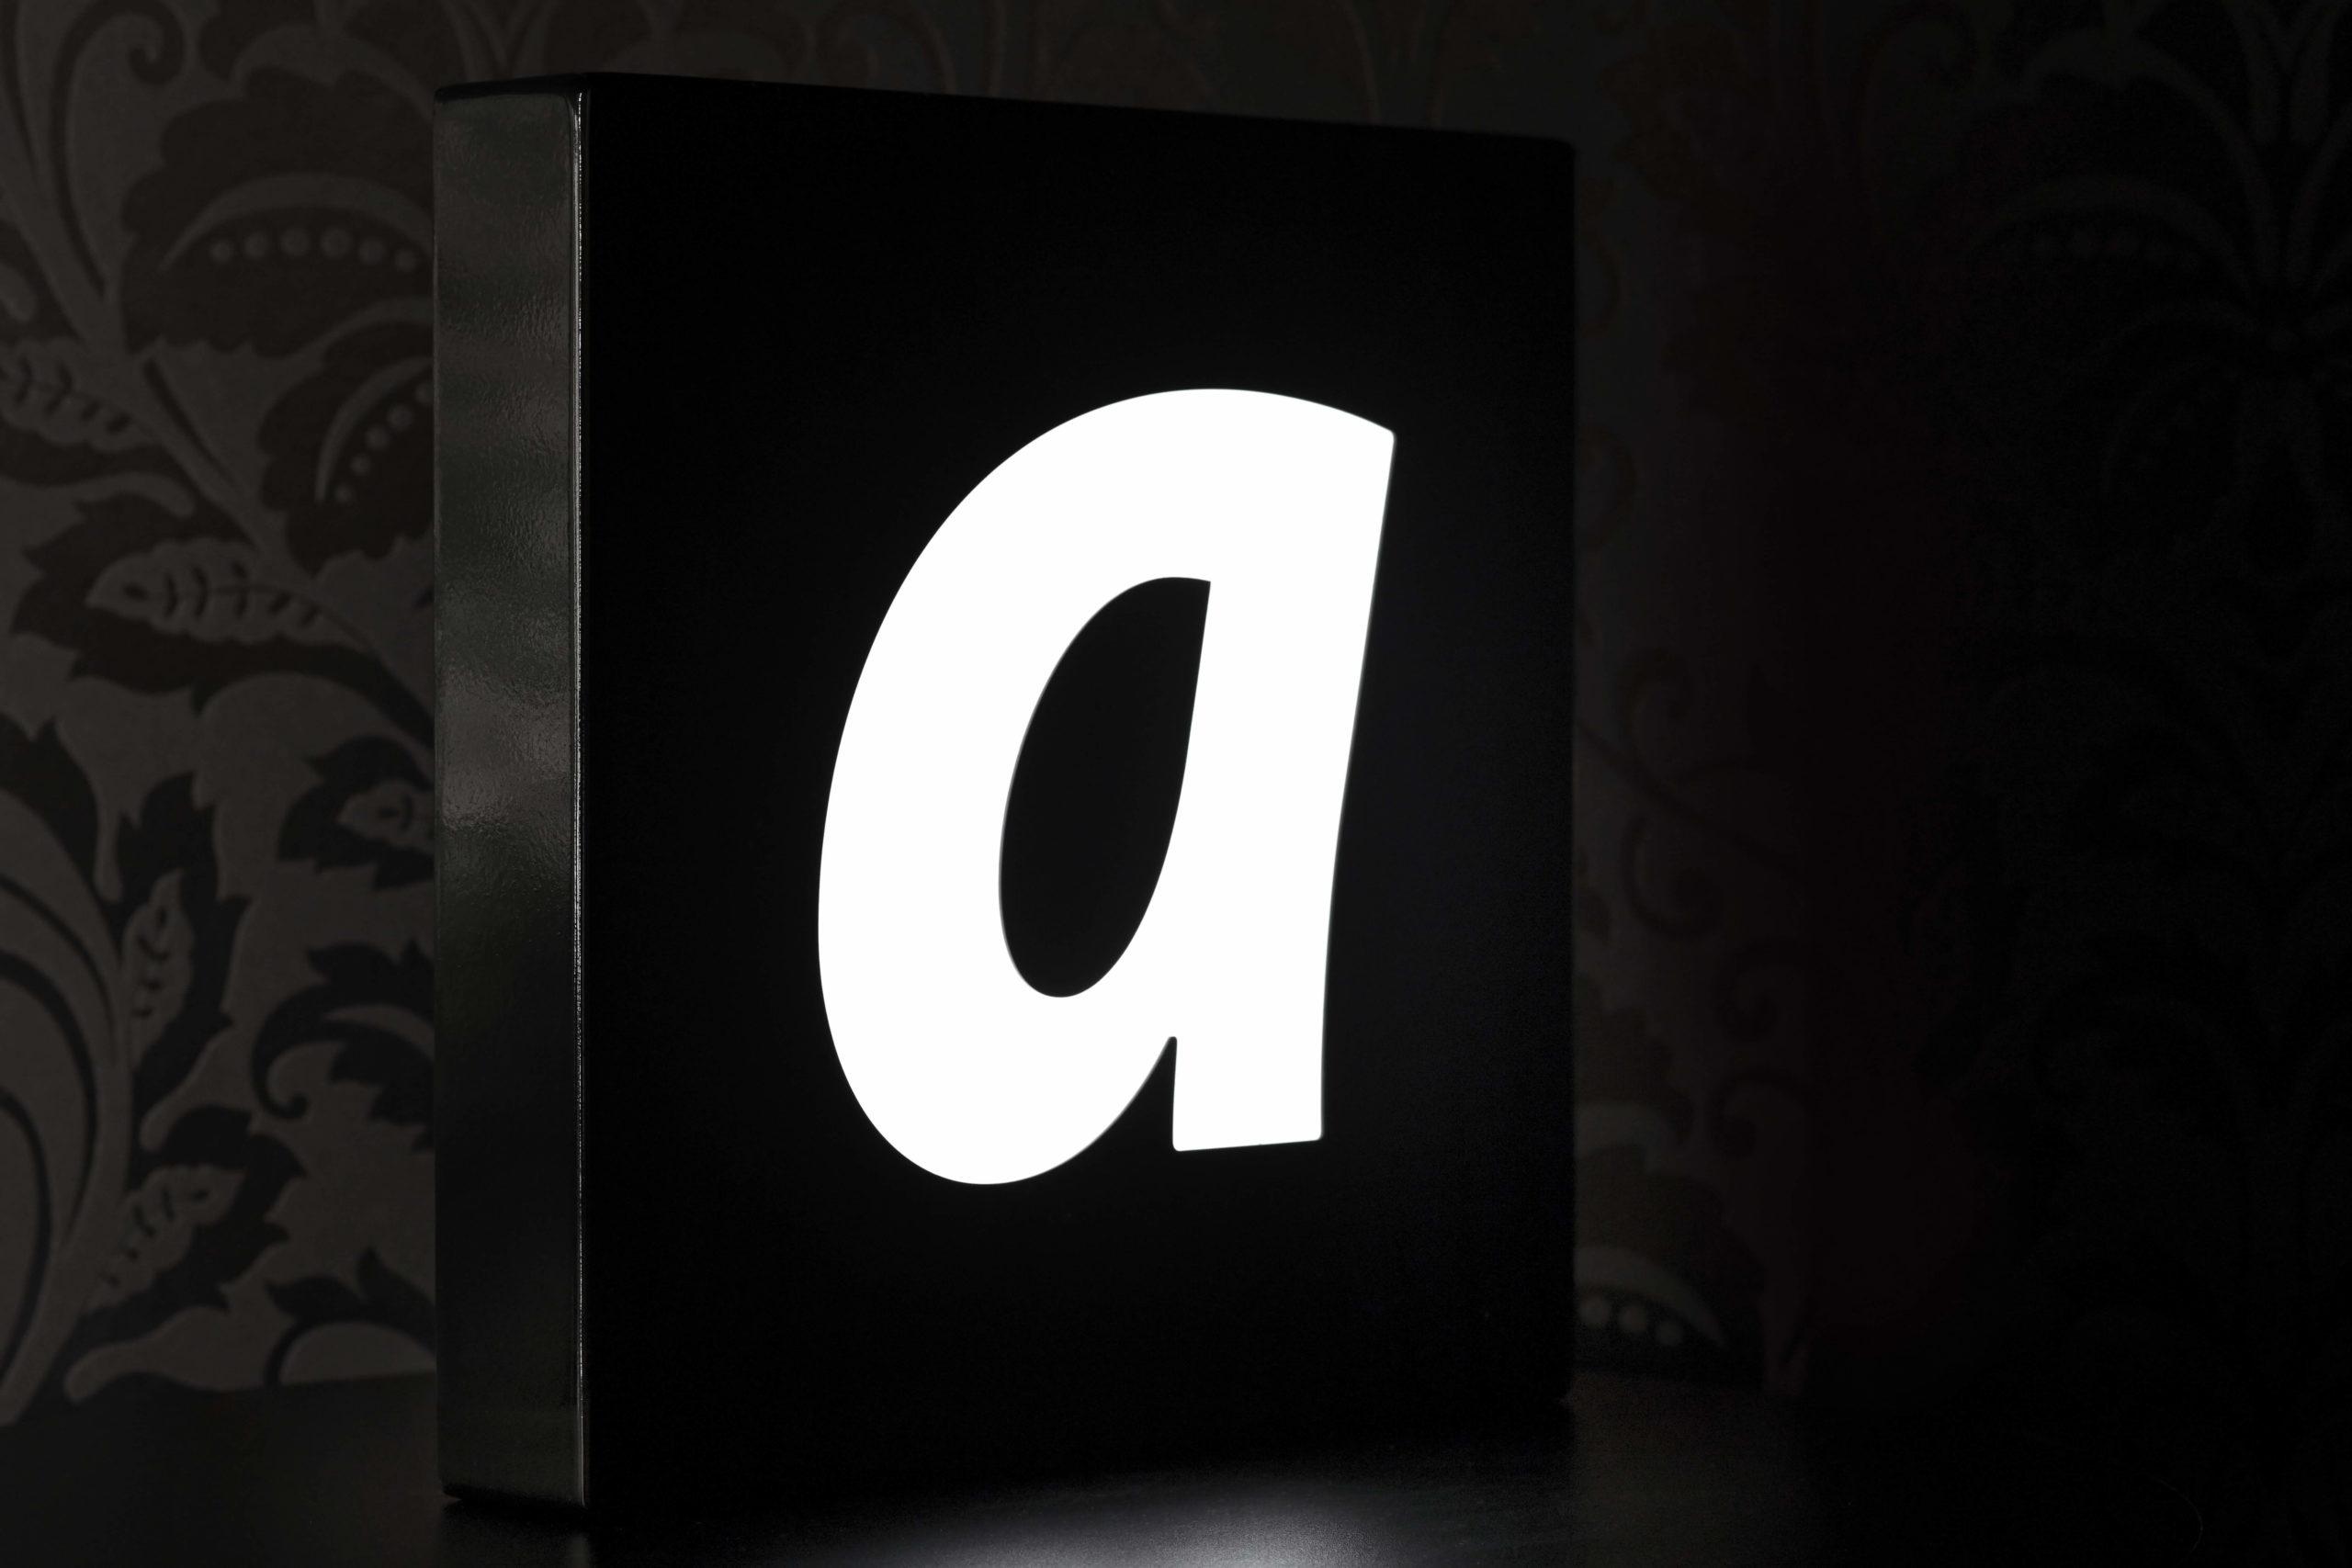 Leuchtkasten_Profil_01_60mm_4mm hinterlegt_leuchtend